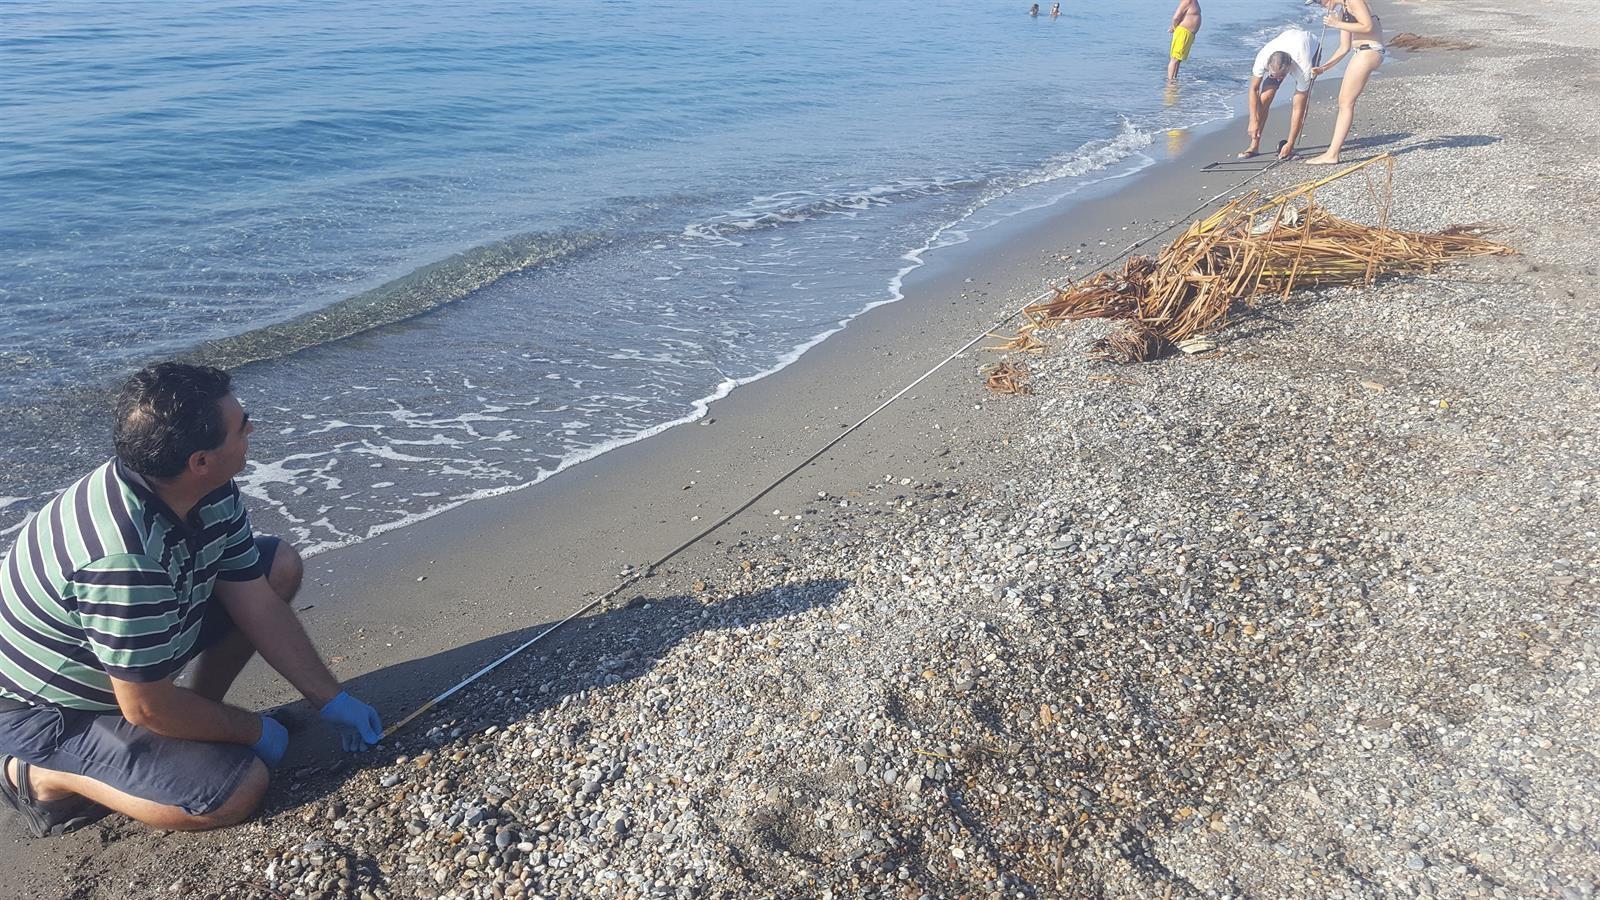 Investigadores de la Universidad de Granada analizan la presencia de microplásticos en las playas de la Costa Tropical